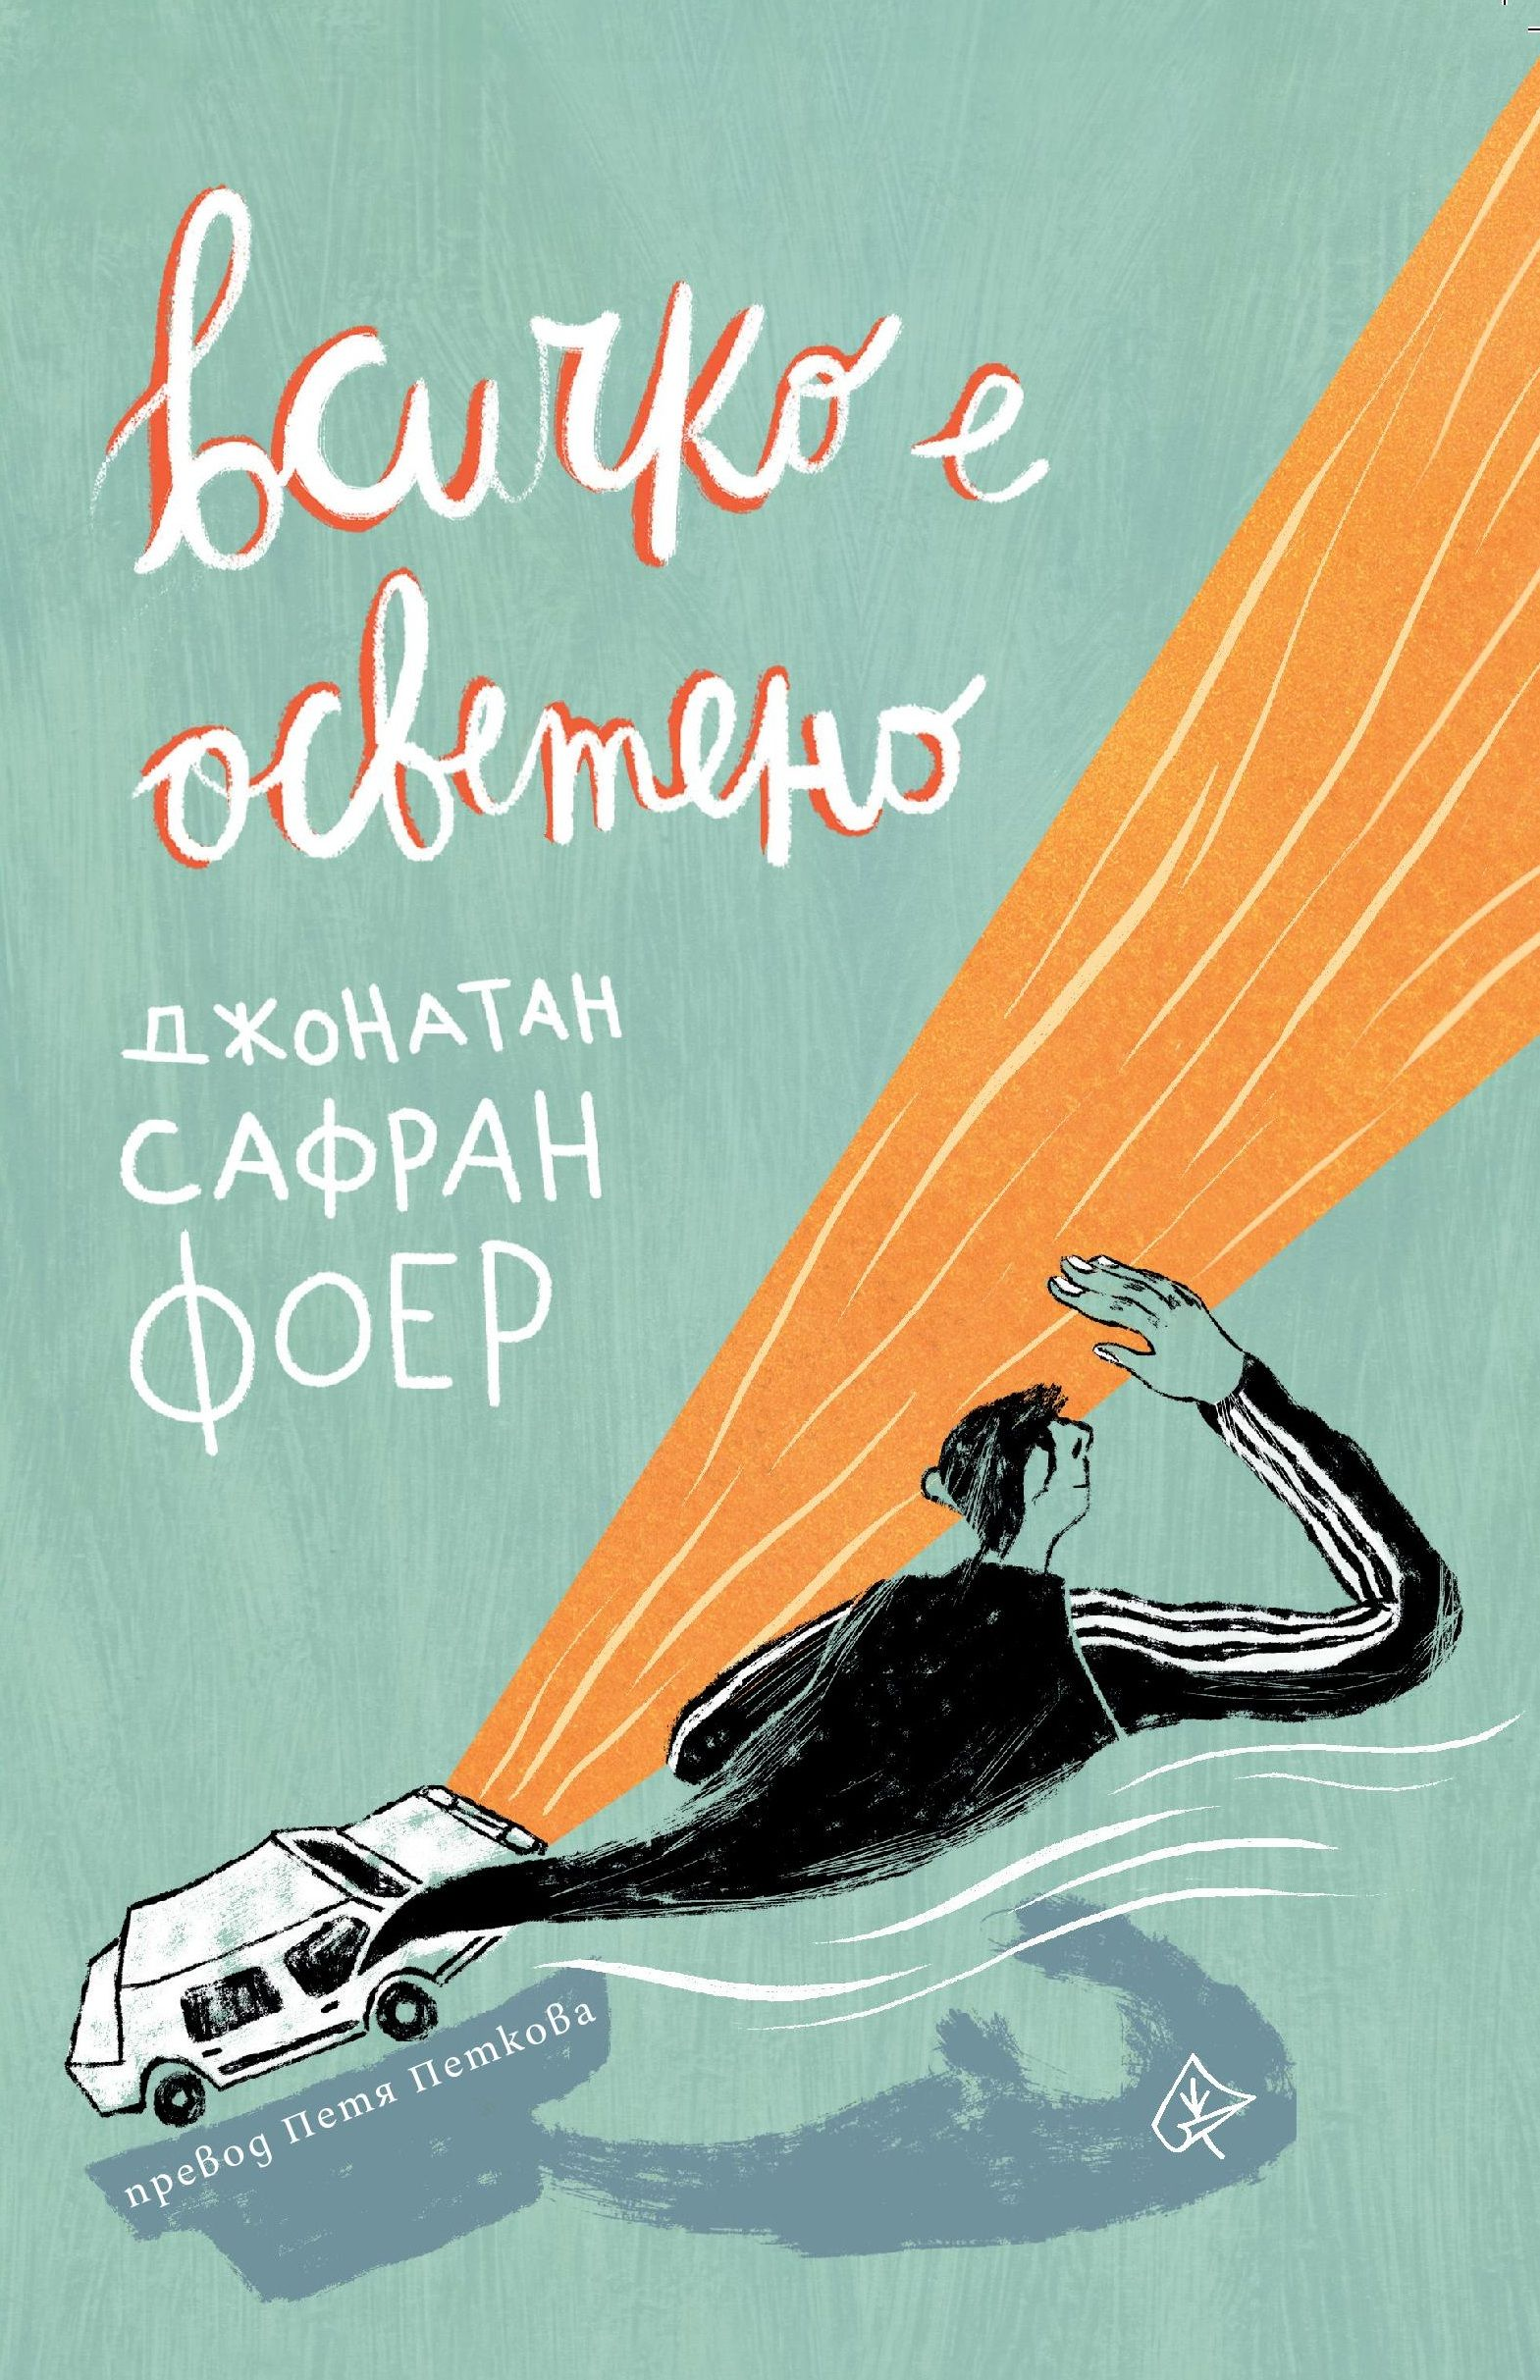 """""""Всичко е осветено"""" - нов роман от Джонатан Сафран Фоер на български"""